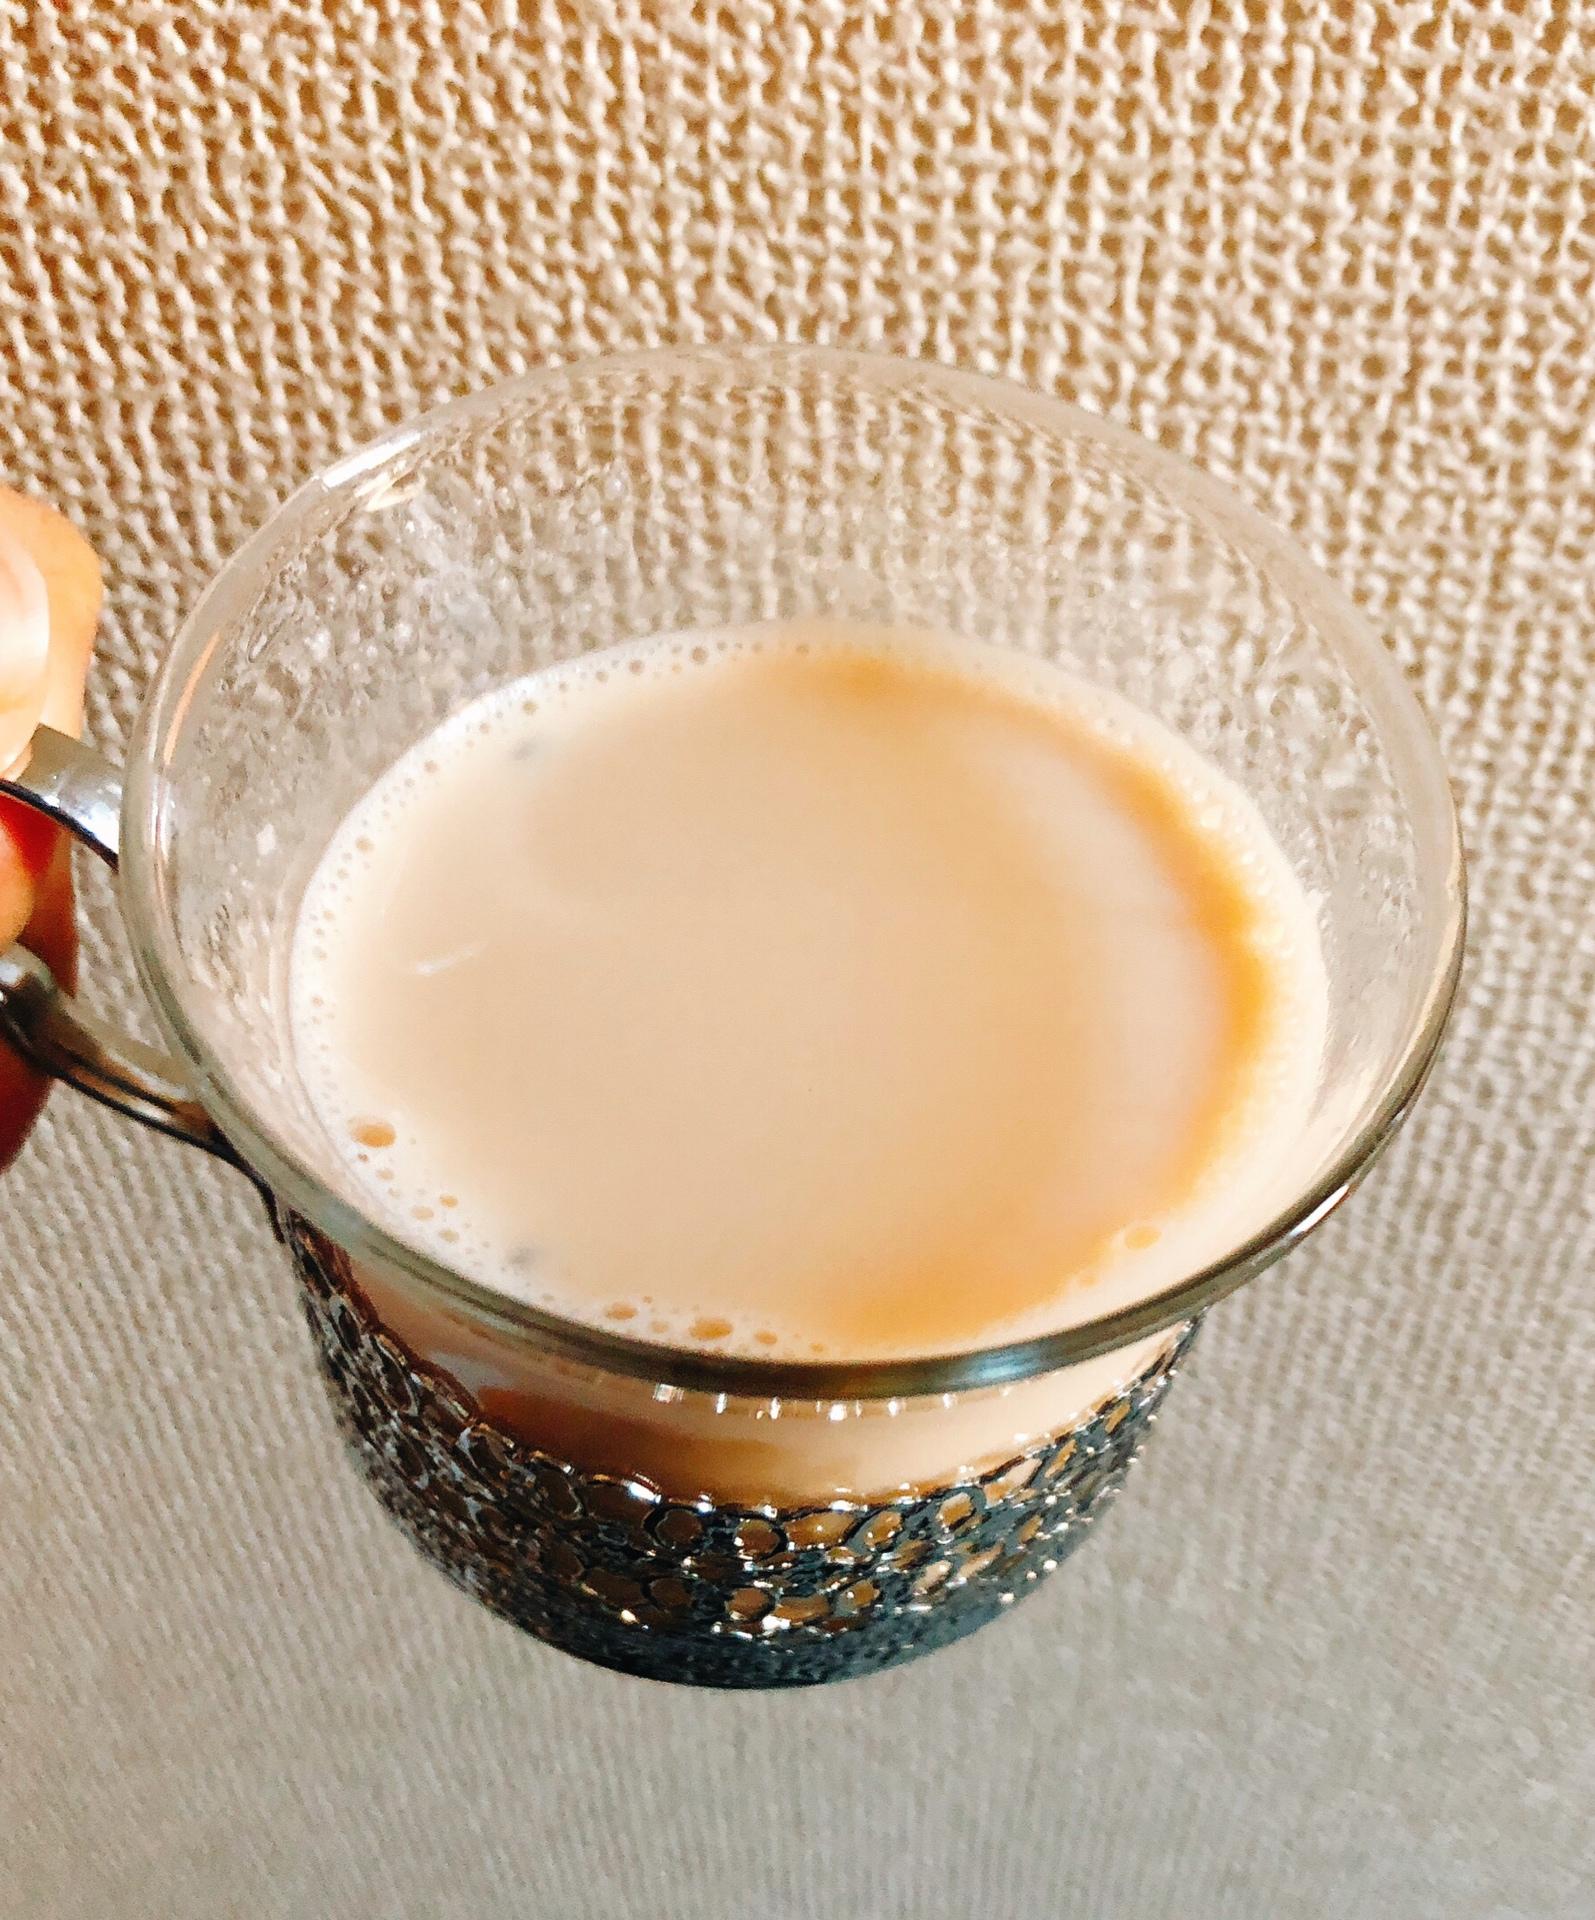 【#ハワイお取寄せ】チョコの芳醇な香りで幸せ気分♡低カフェインでリラックス効果抜群のナチュラルチョコレートティー_8